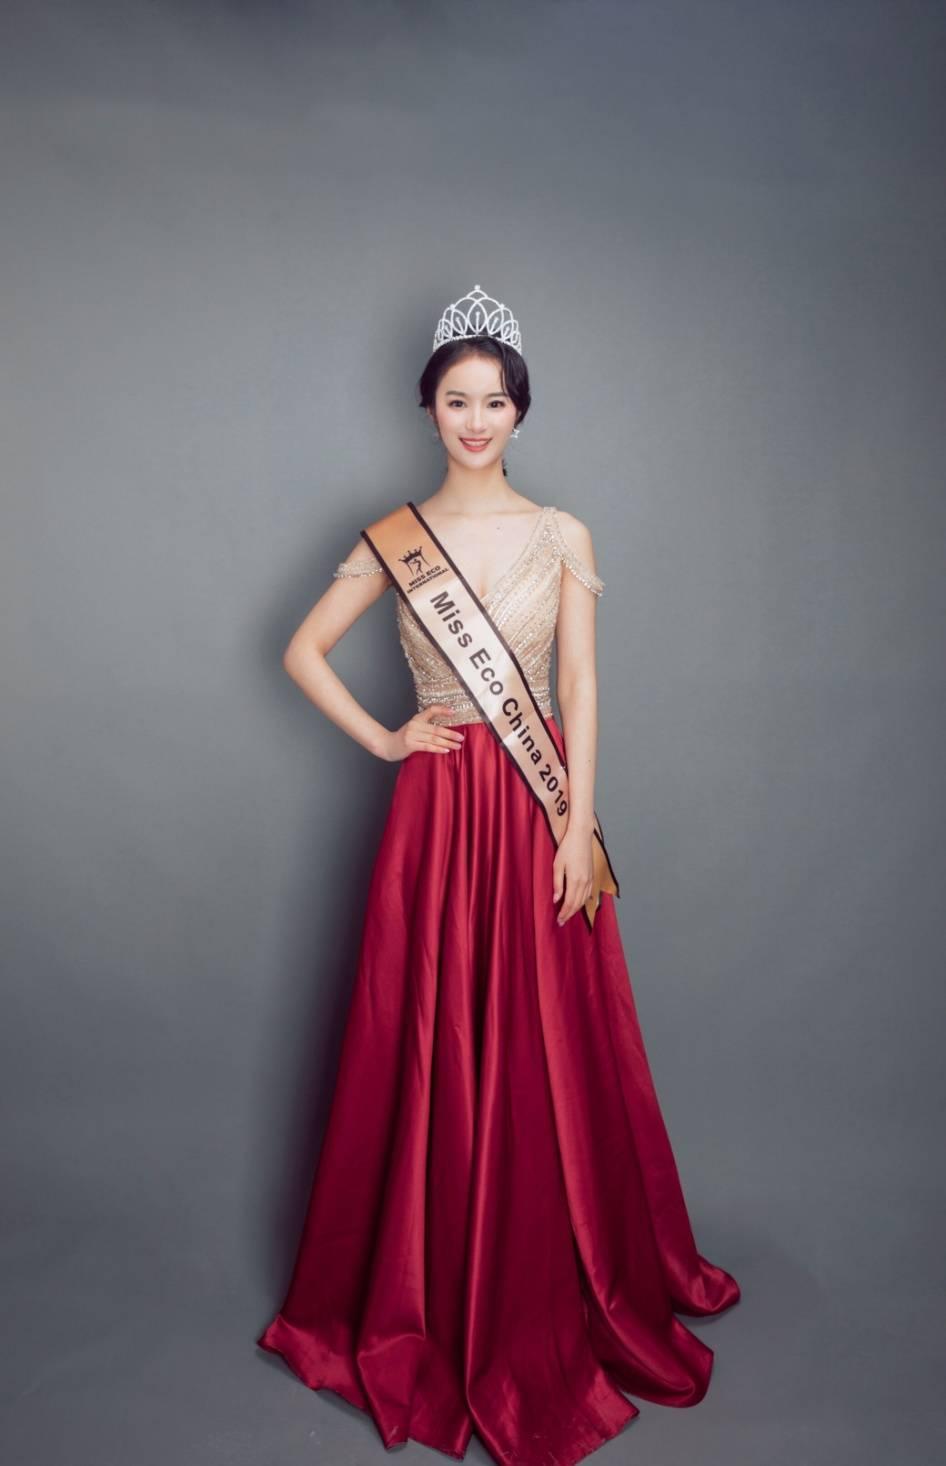 2020环球生态小姐大赛广东赛区正式启动!为生态广东喝彩!